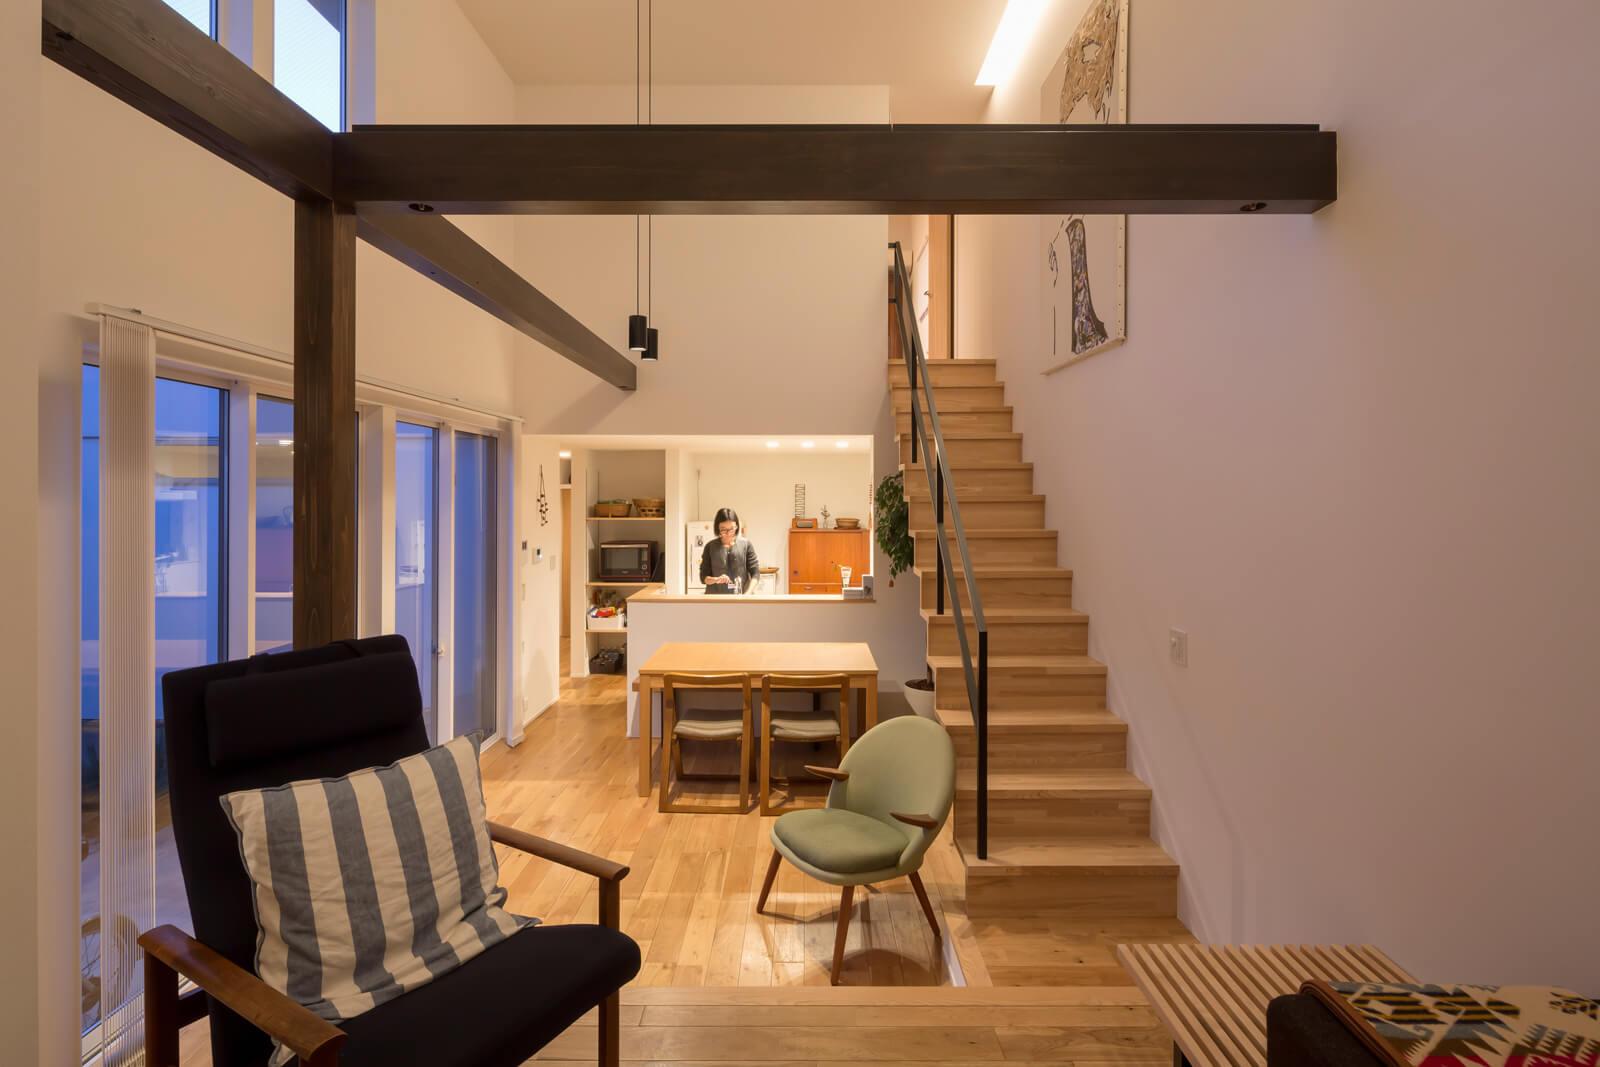 子世帯は光をたっぷり取り込む南面開口。白壁と無垢オーク床の明るくシンプルな空間を、ダークな色合いの化粧梁と柱が引き締めている